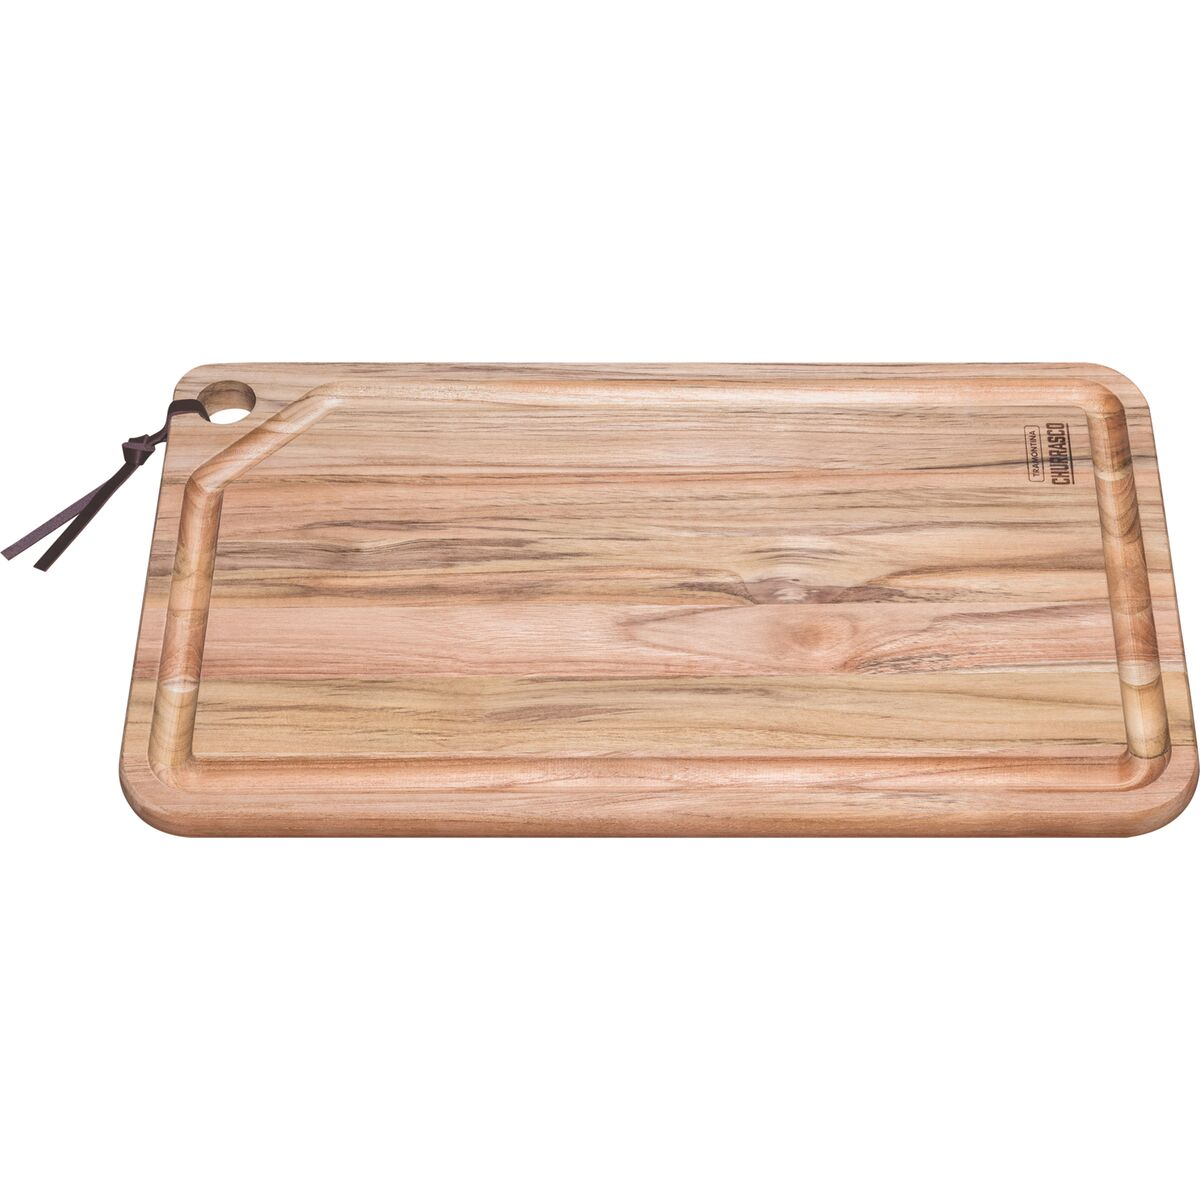 Tabla rectangular para asado